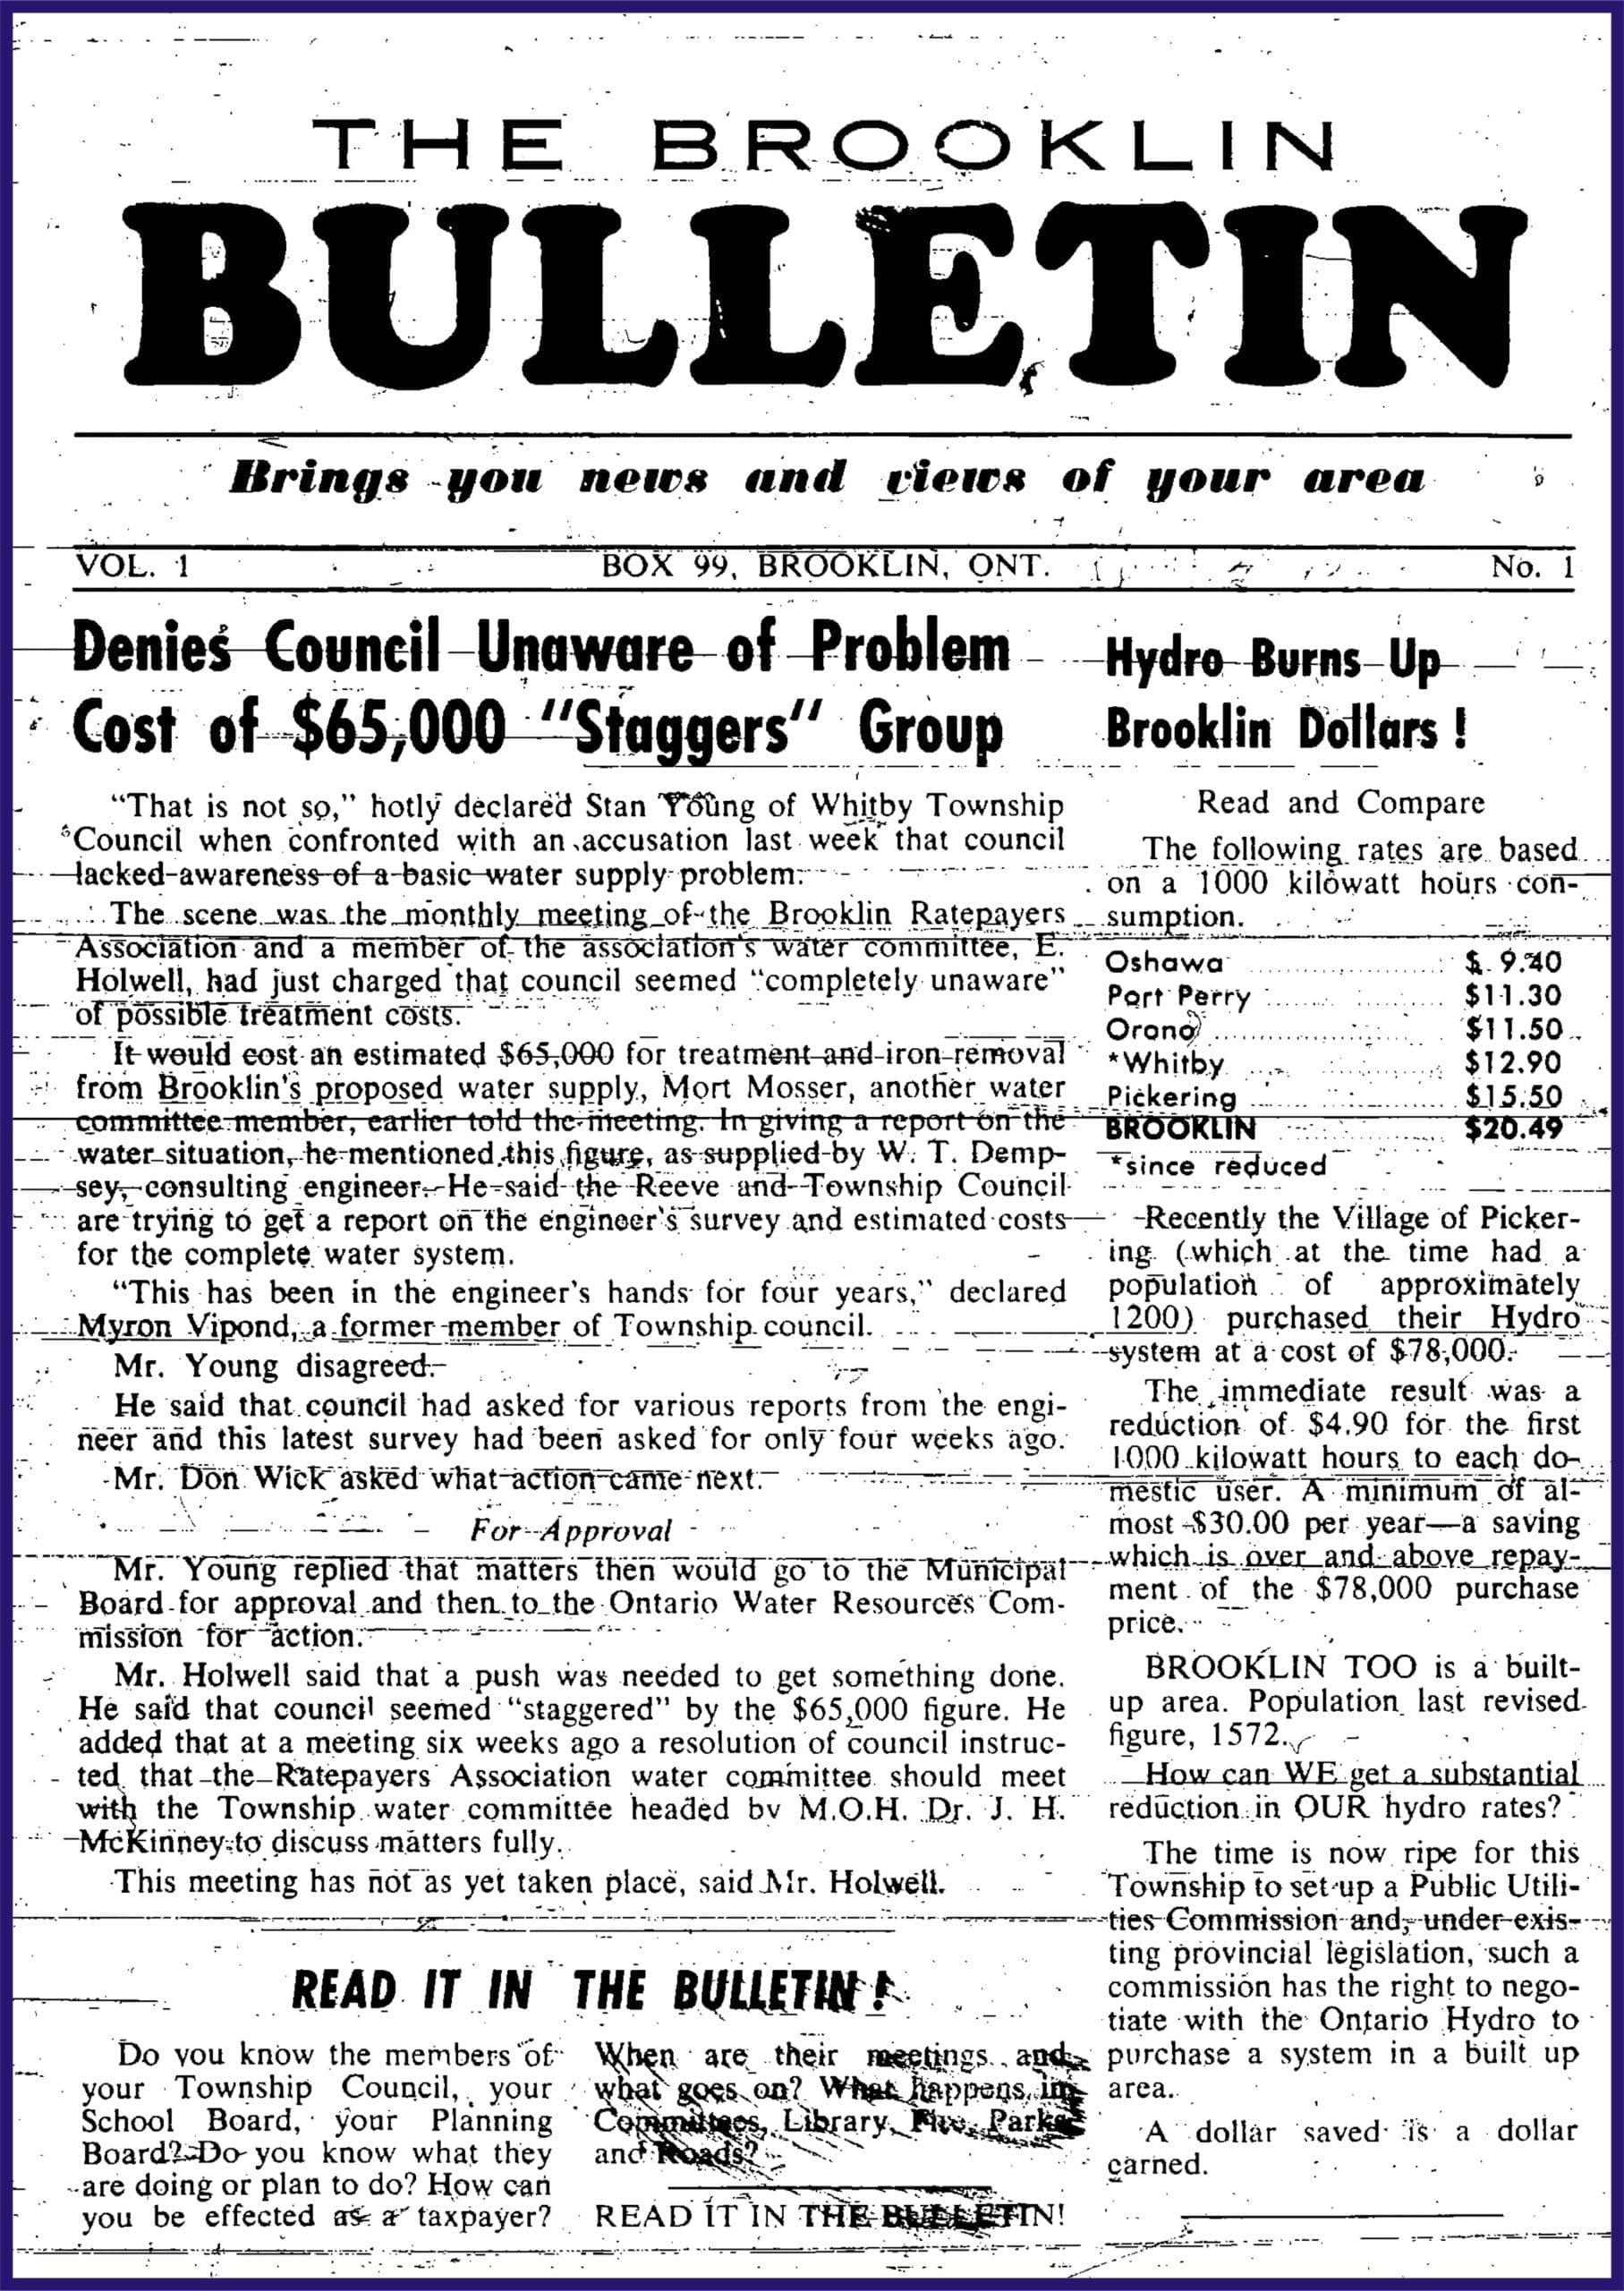 The Brooklin Bulletin Newspaper vol 1, issue 1, 1958